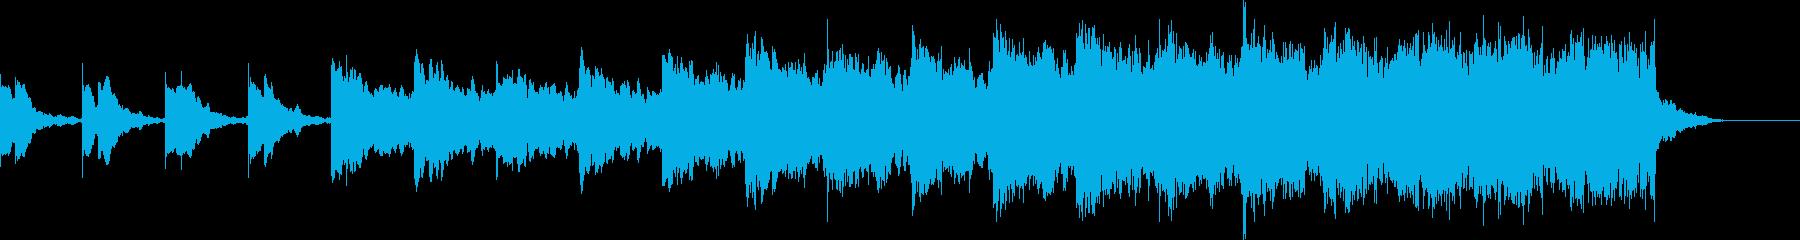 ショートBGM、ダークロックの再生済みの波形